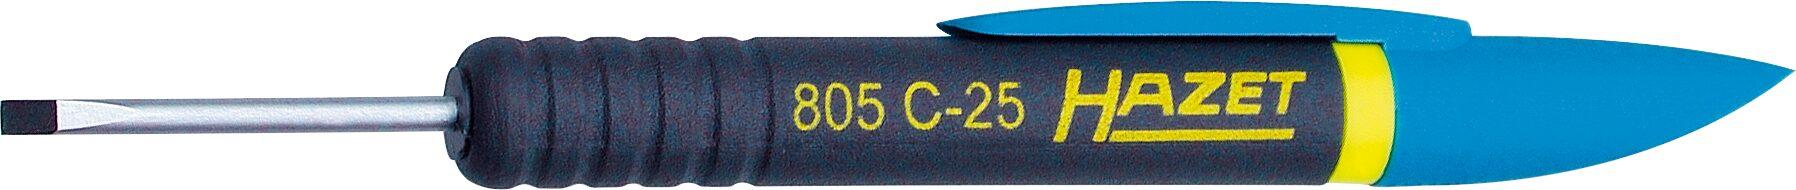 HAZET Clip-Schraubendreher 805C-25 ∙ Schlitz Profil ∙ 0.4 x 2.5 mm